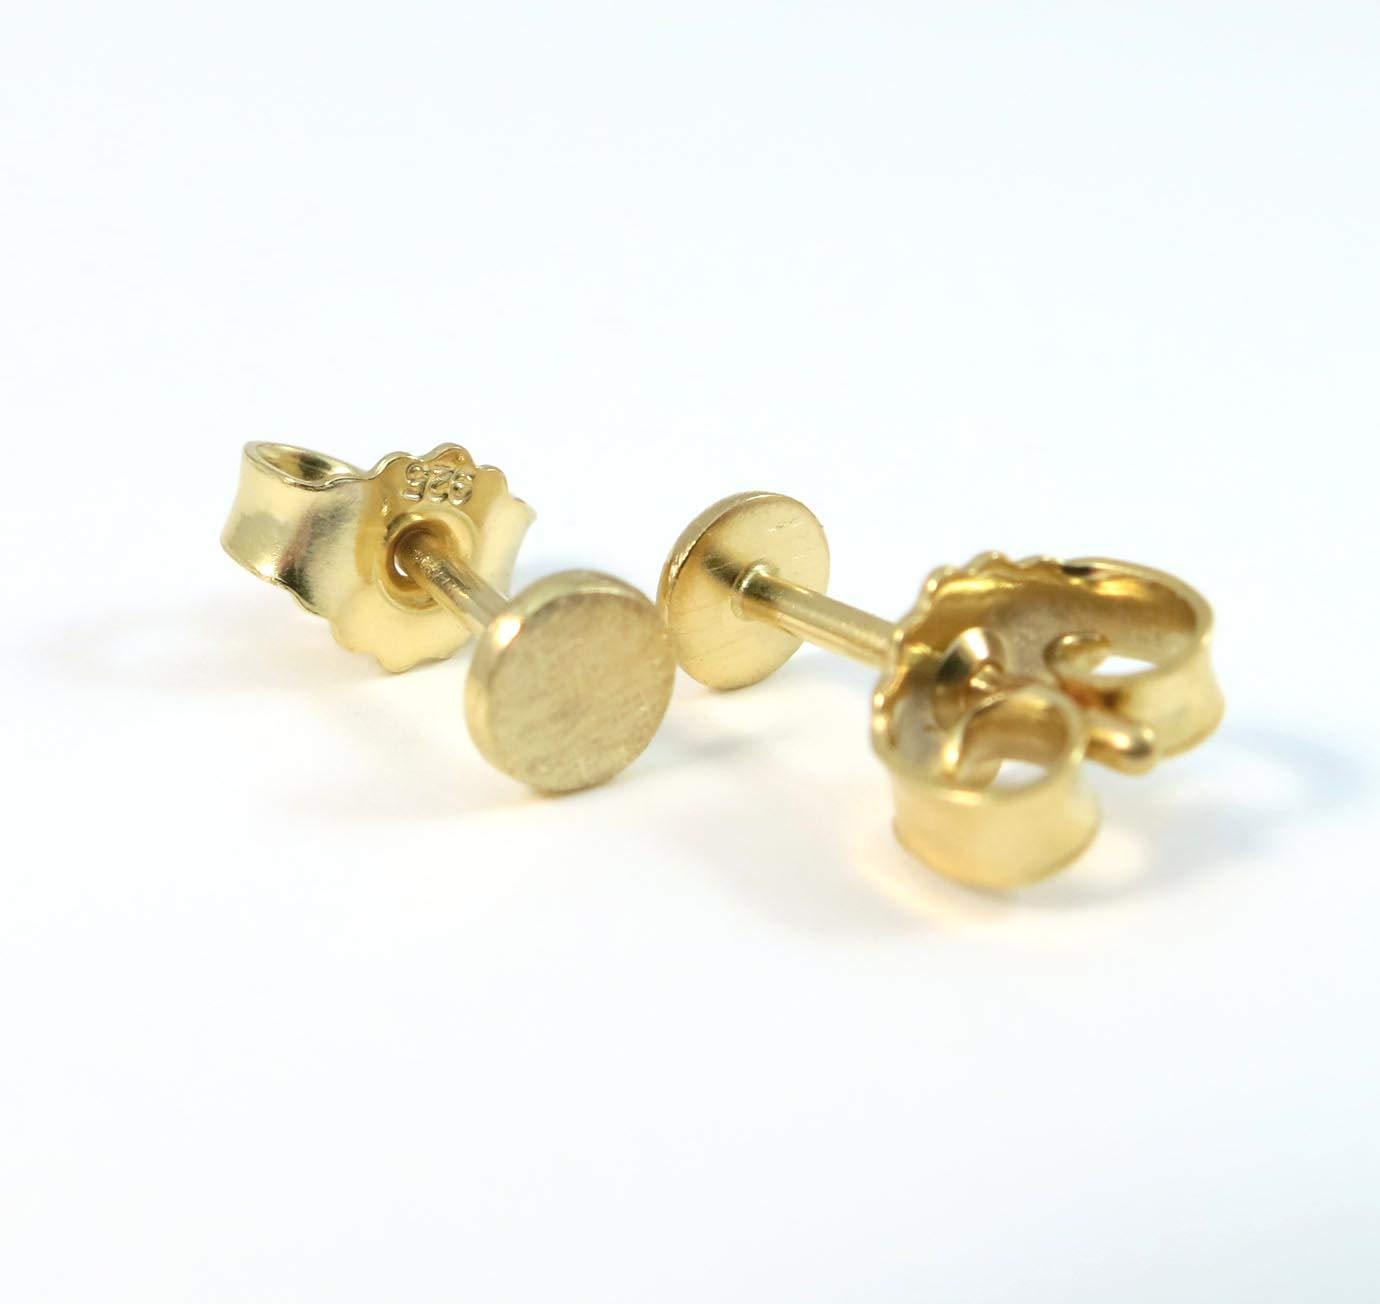 Ohrringe Dots mini Rund eismatt gelbgold vergoldet Sterlingsilber Handarbeit